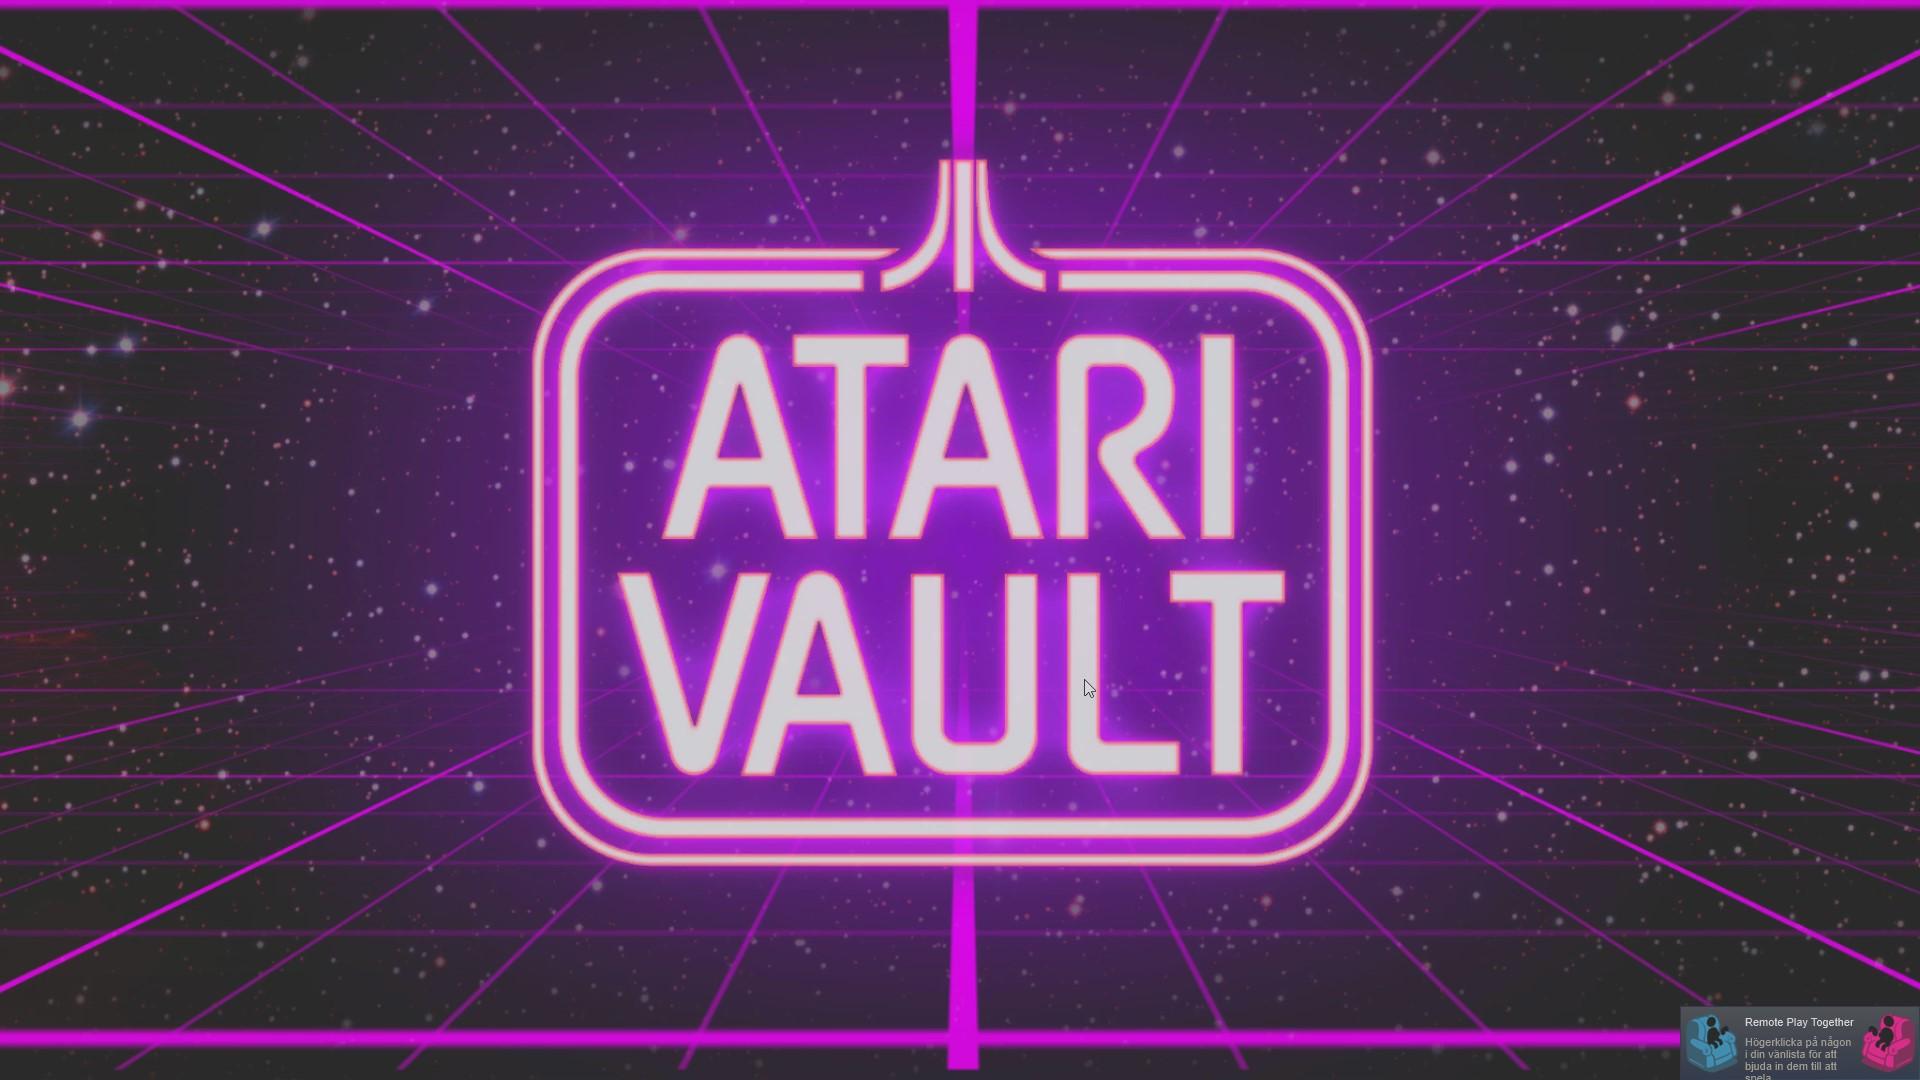 AkinNahtanoj: Atari Vault: Super Breakout [Arcade] (PC) 45 points on 2020-10-17 05:42:31